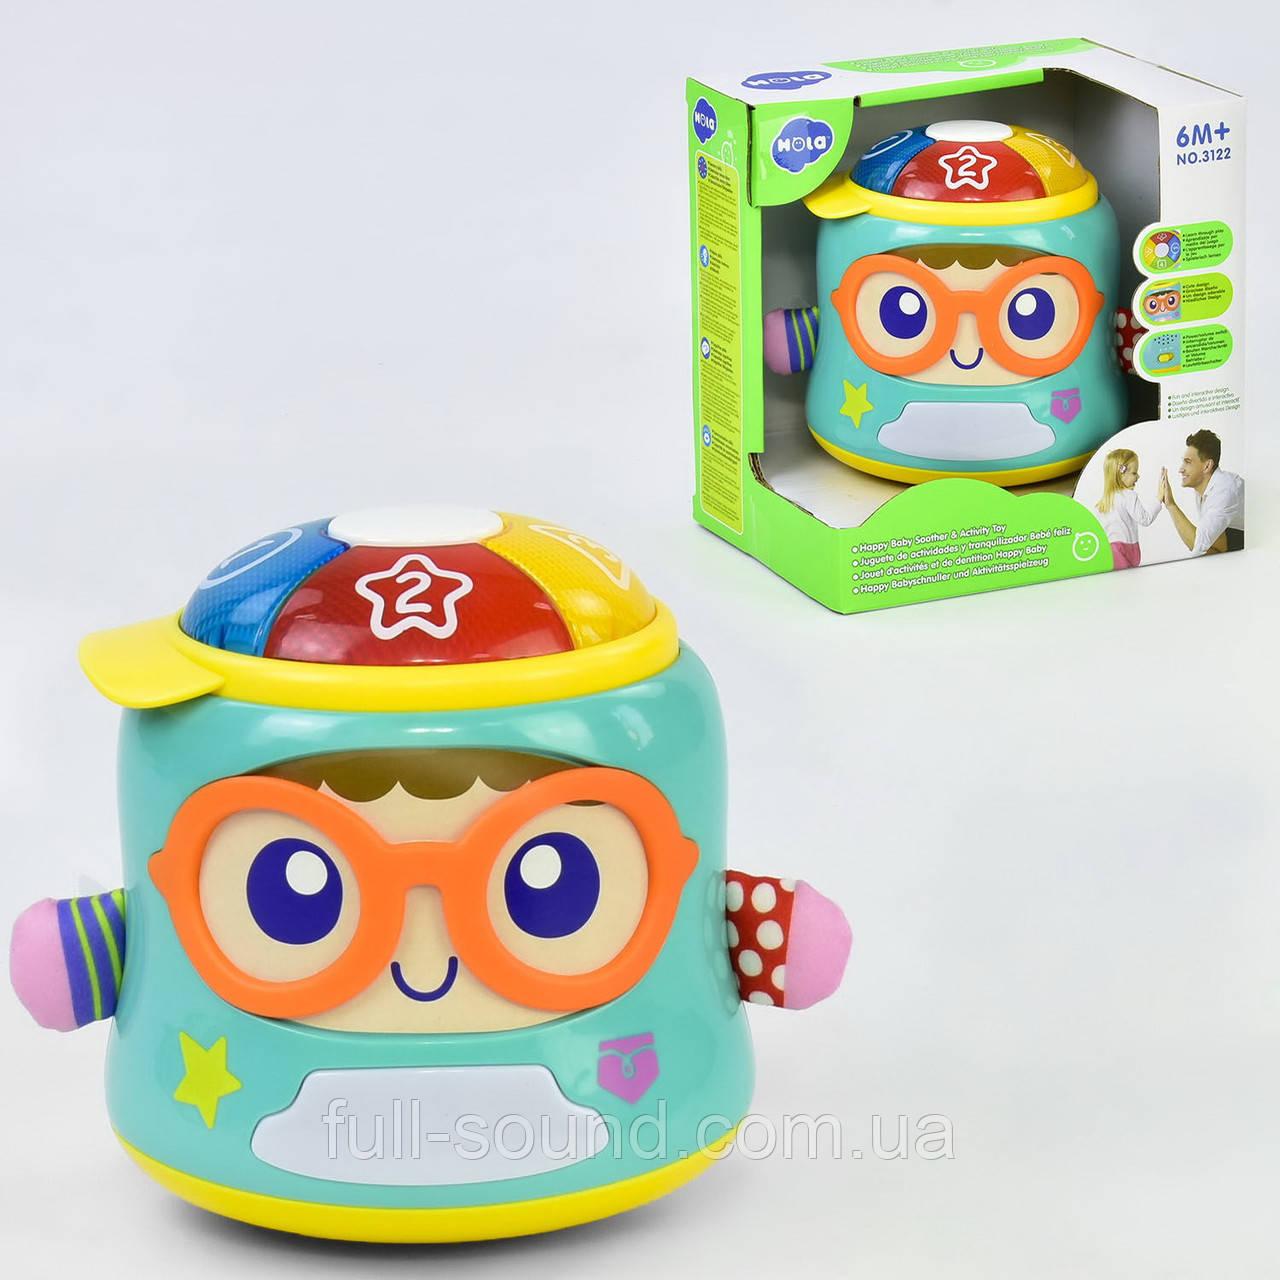 Интерактивная игра счастливый младенец